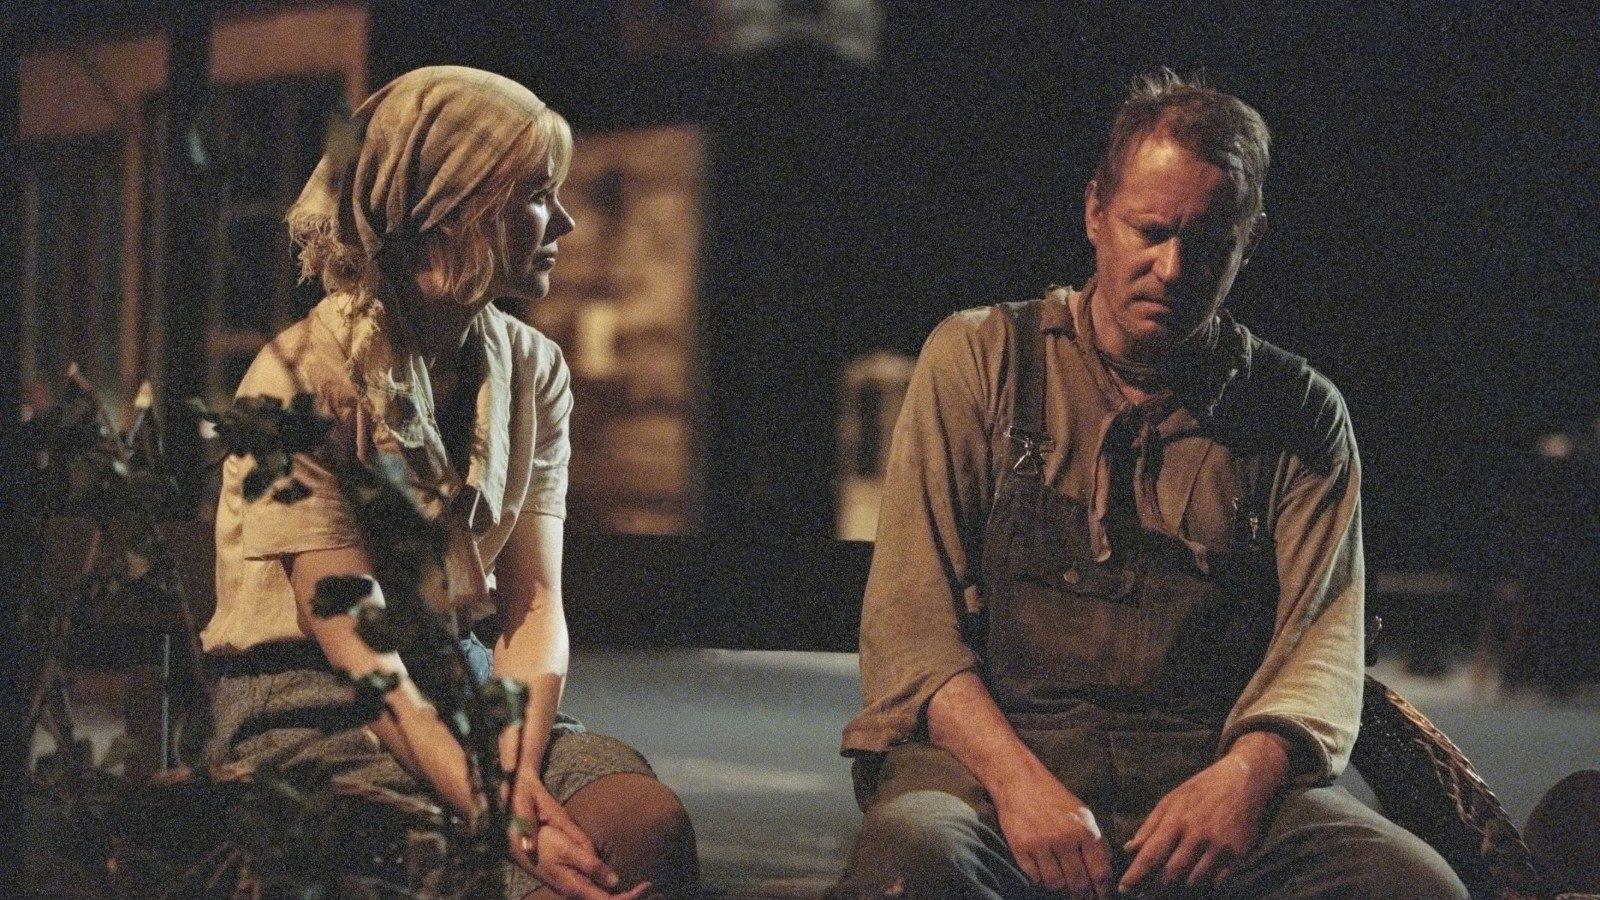 Догвилль (Dogville, 2003, IMDb 8.0)